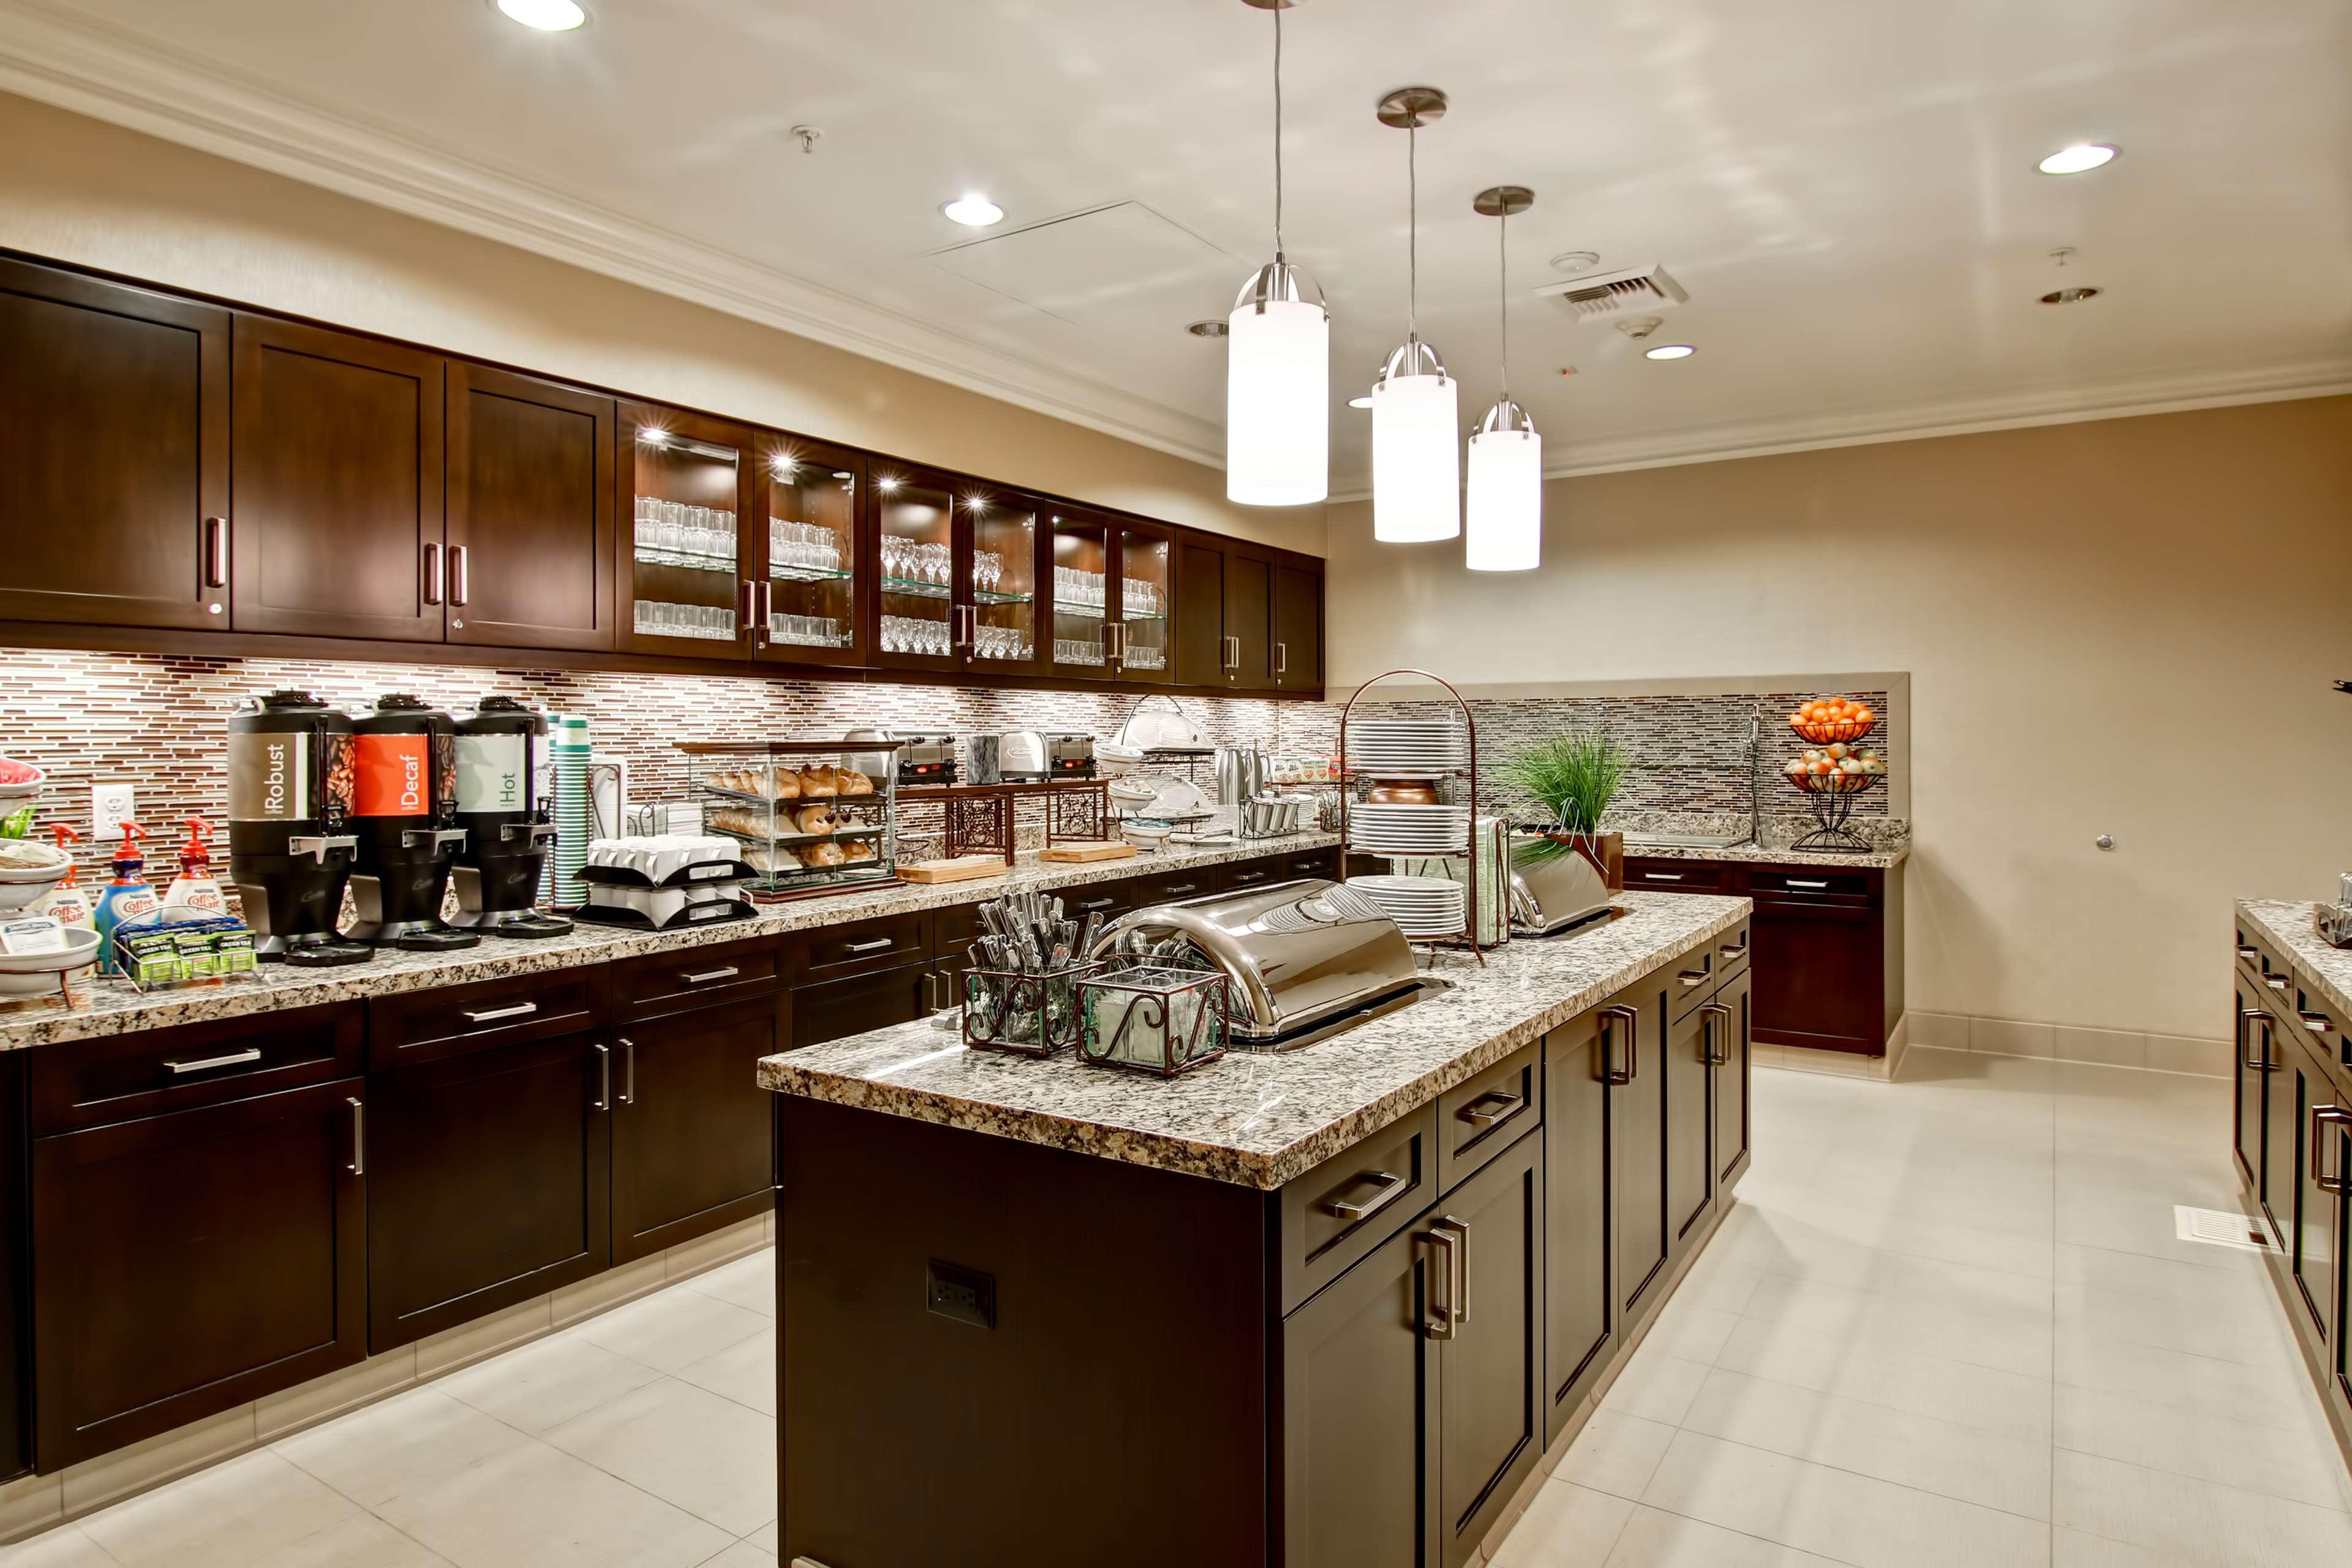 Homewood Suites by Hilton Palo Alto image 15